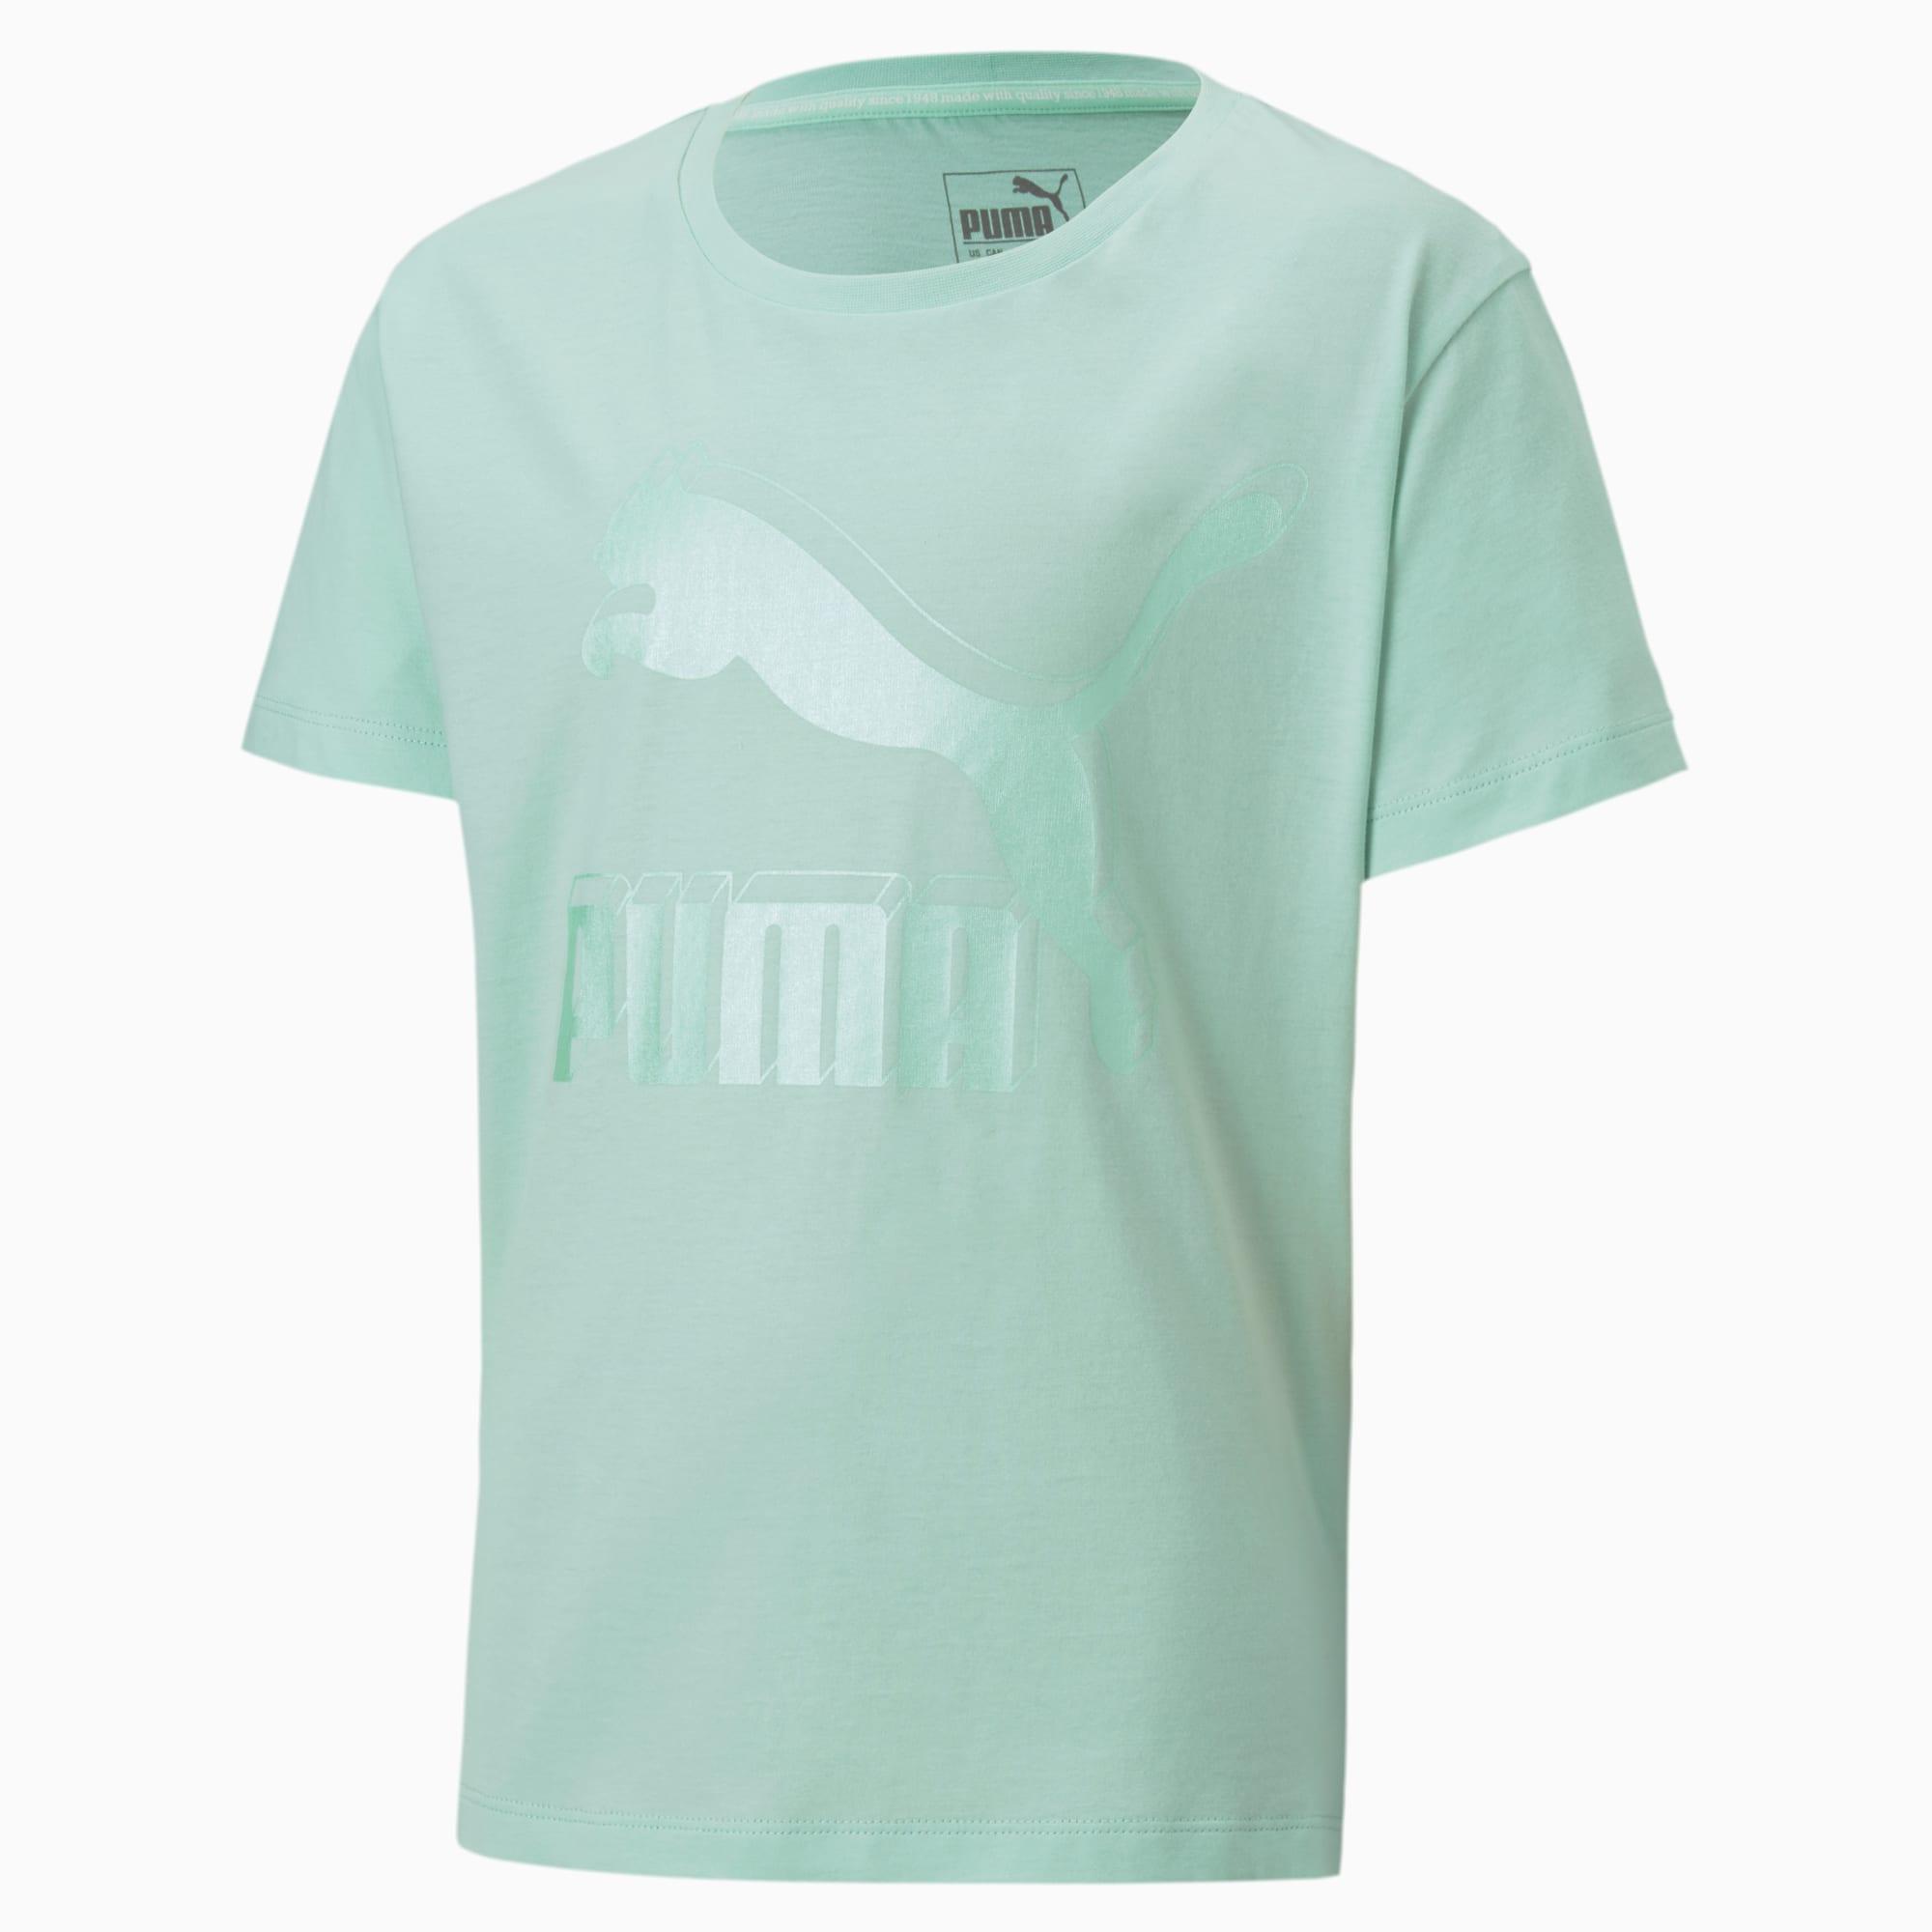 PUMA T-Shirt Classics Graphic pour fille, Vert, Taille 128, Vêtements